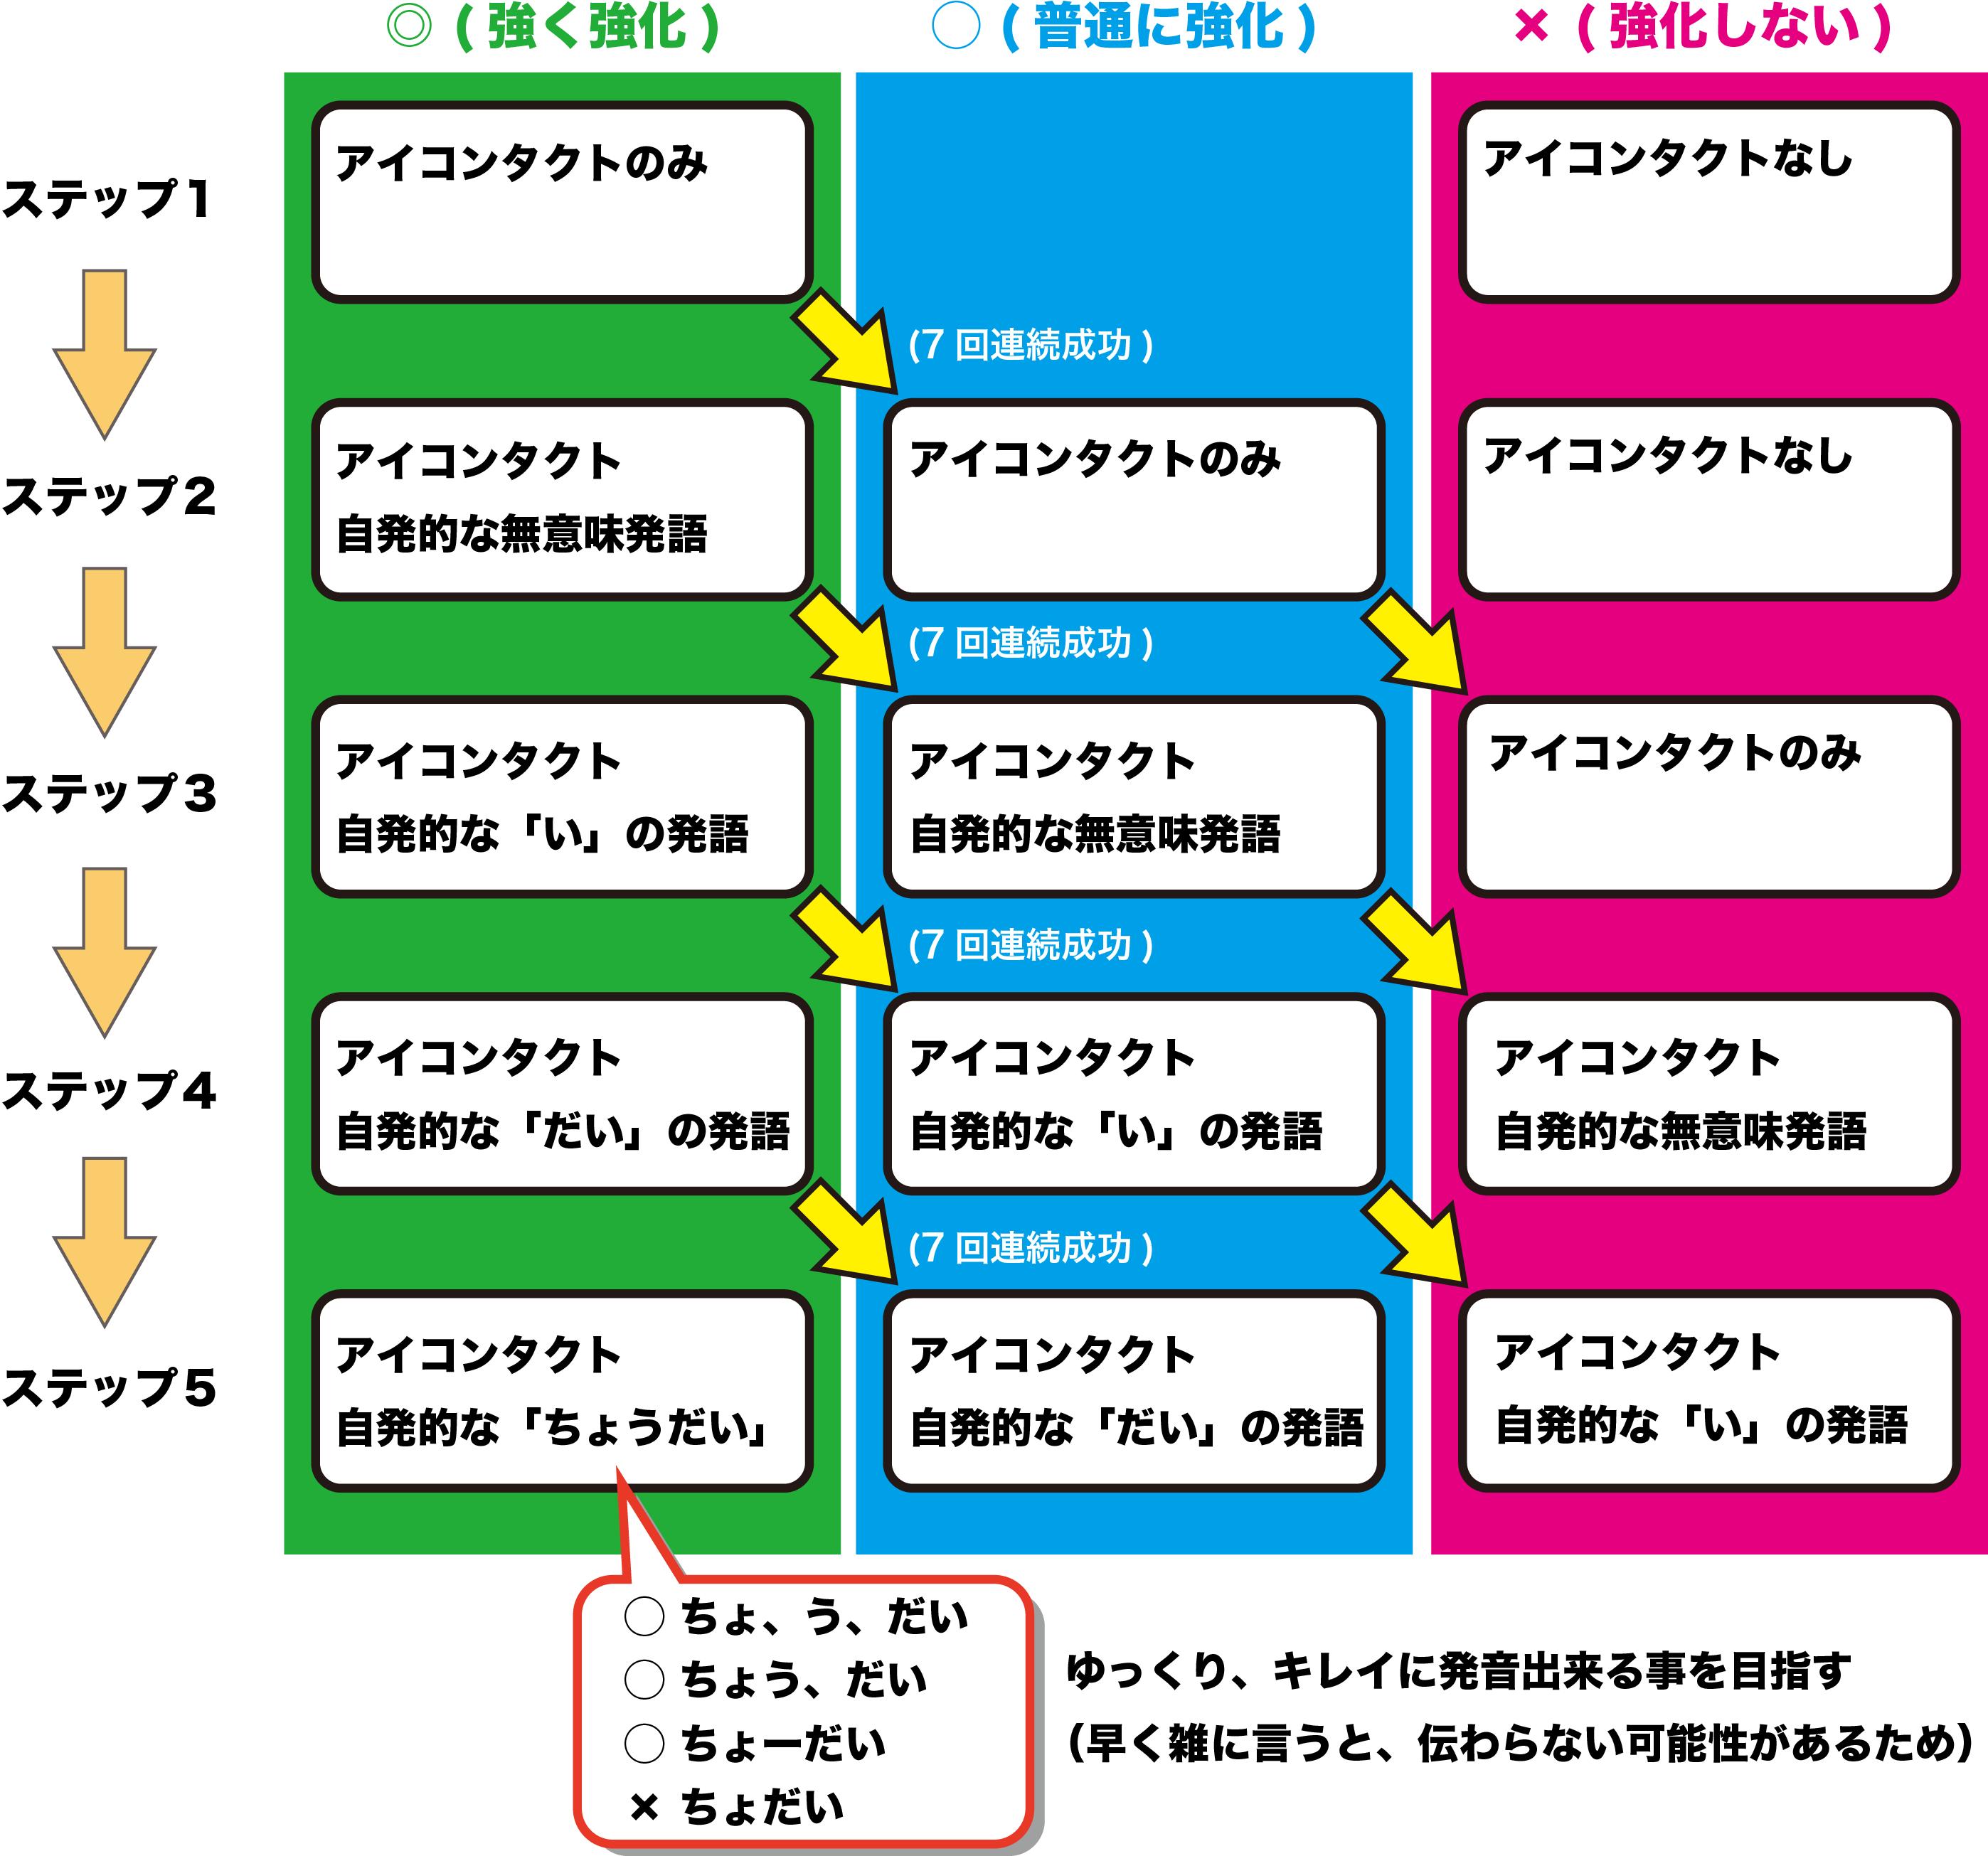 ペアトレ/ABA理論 - みちくんの...